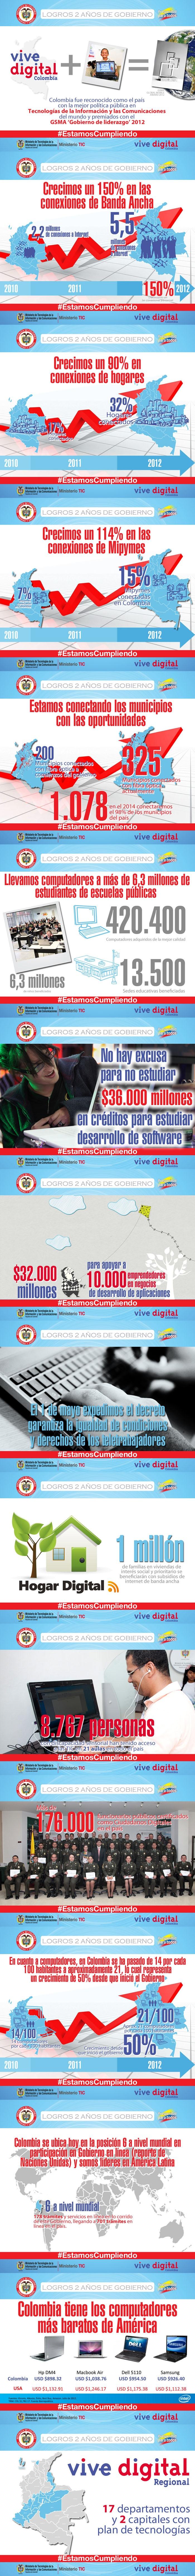 Logros TIC - 2 años de Gobierno Santos